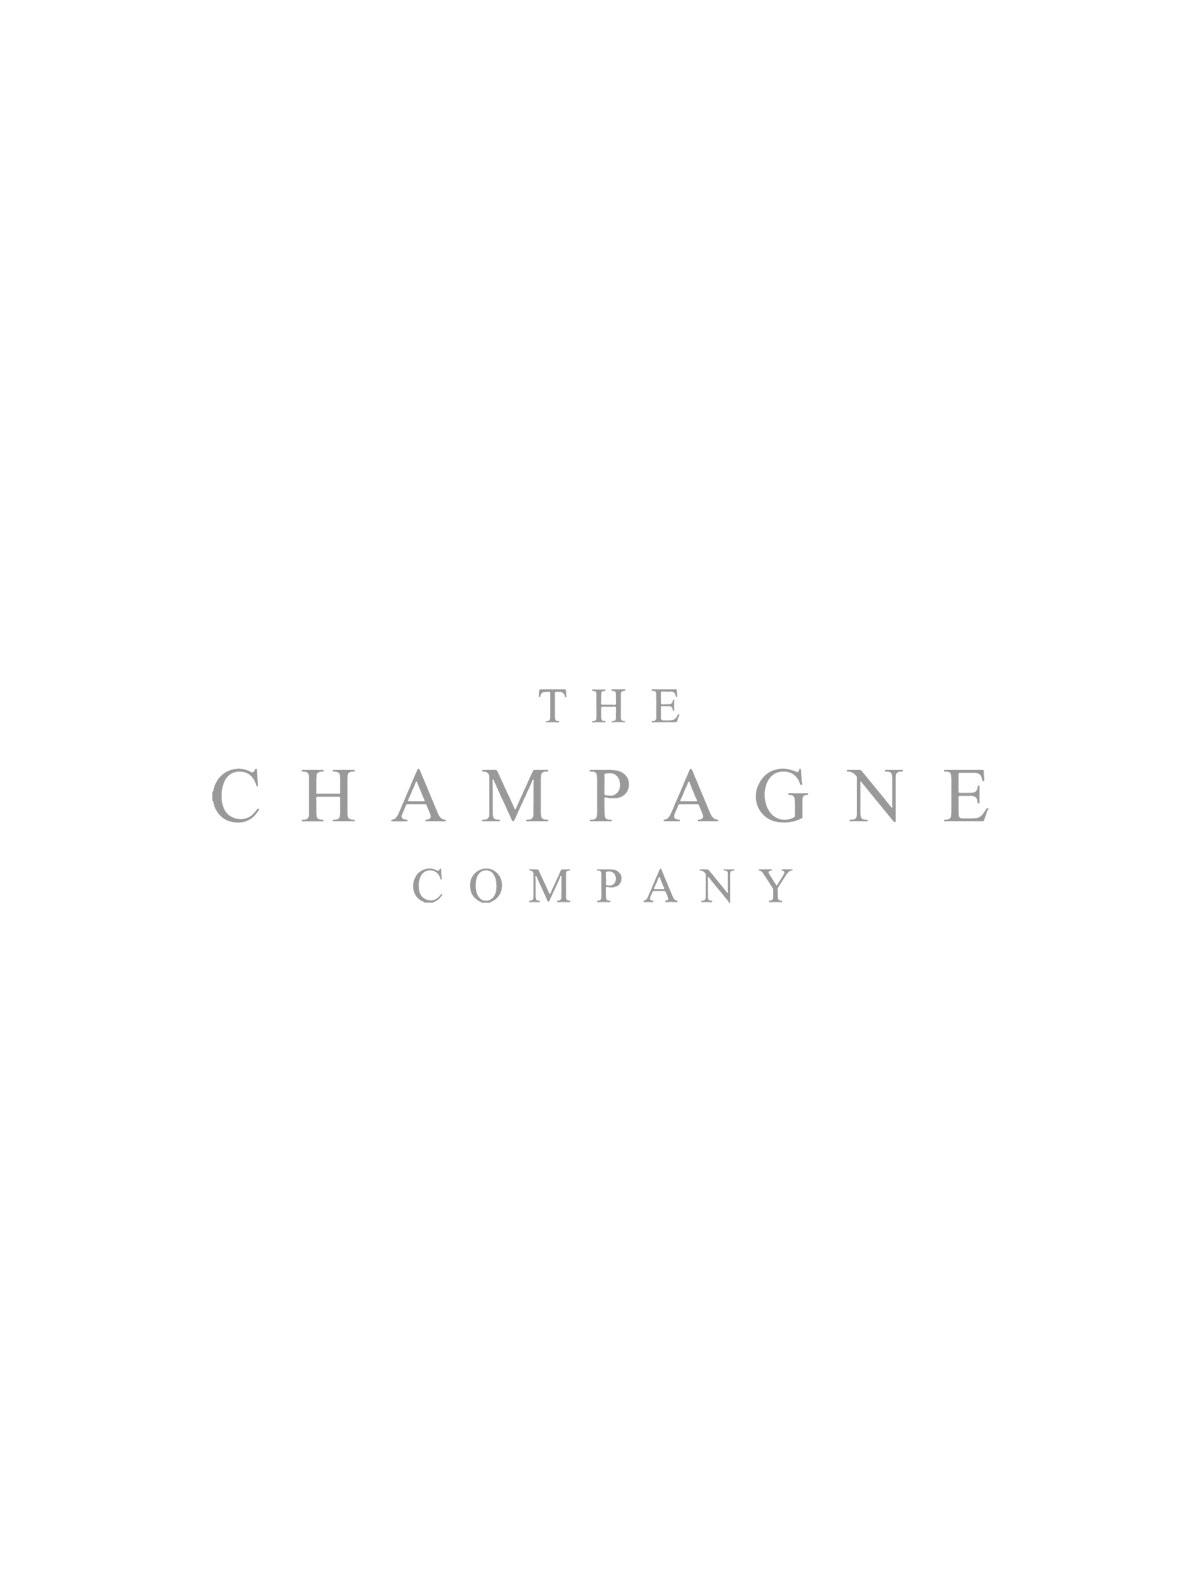 Laurent Perrier La Cuvee Champagne NV Case Deal 24 x 20cl